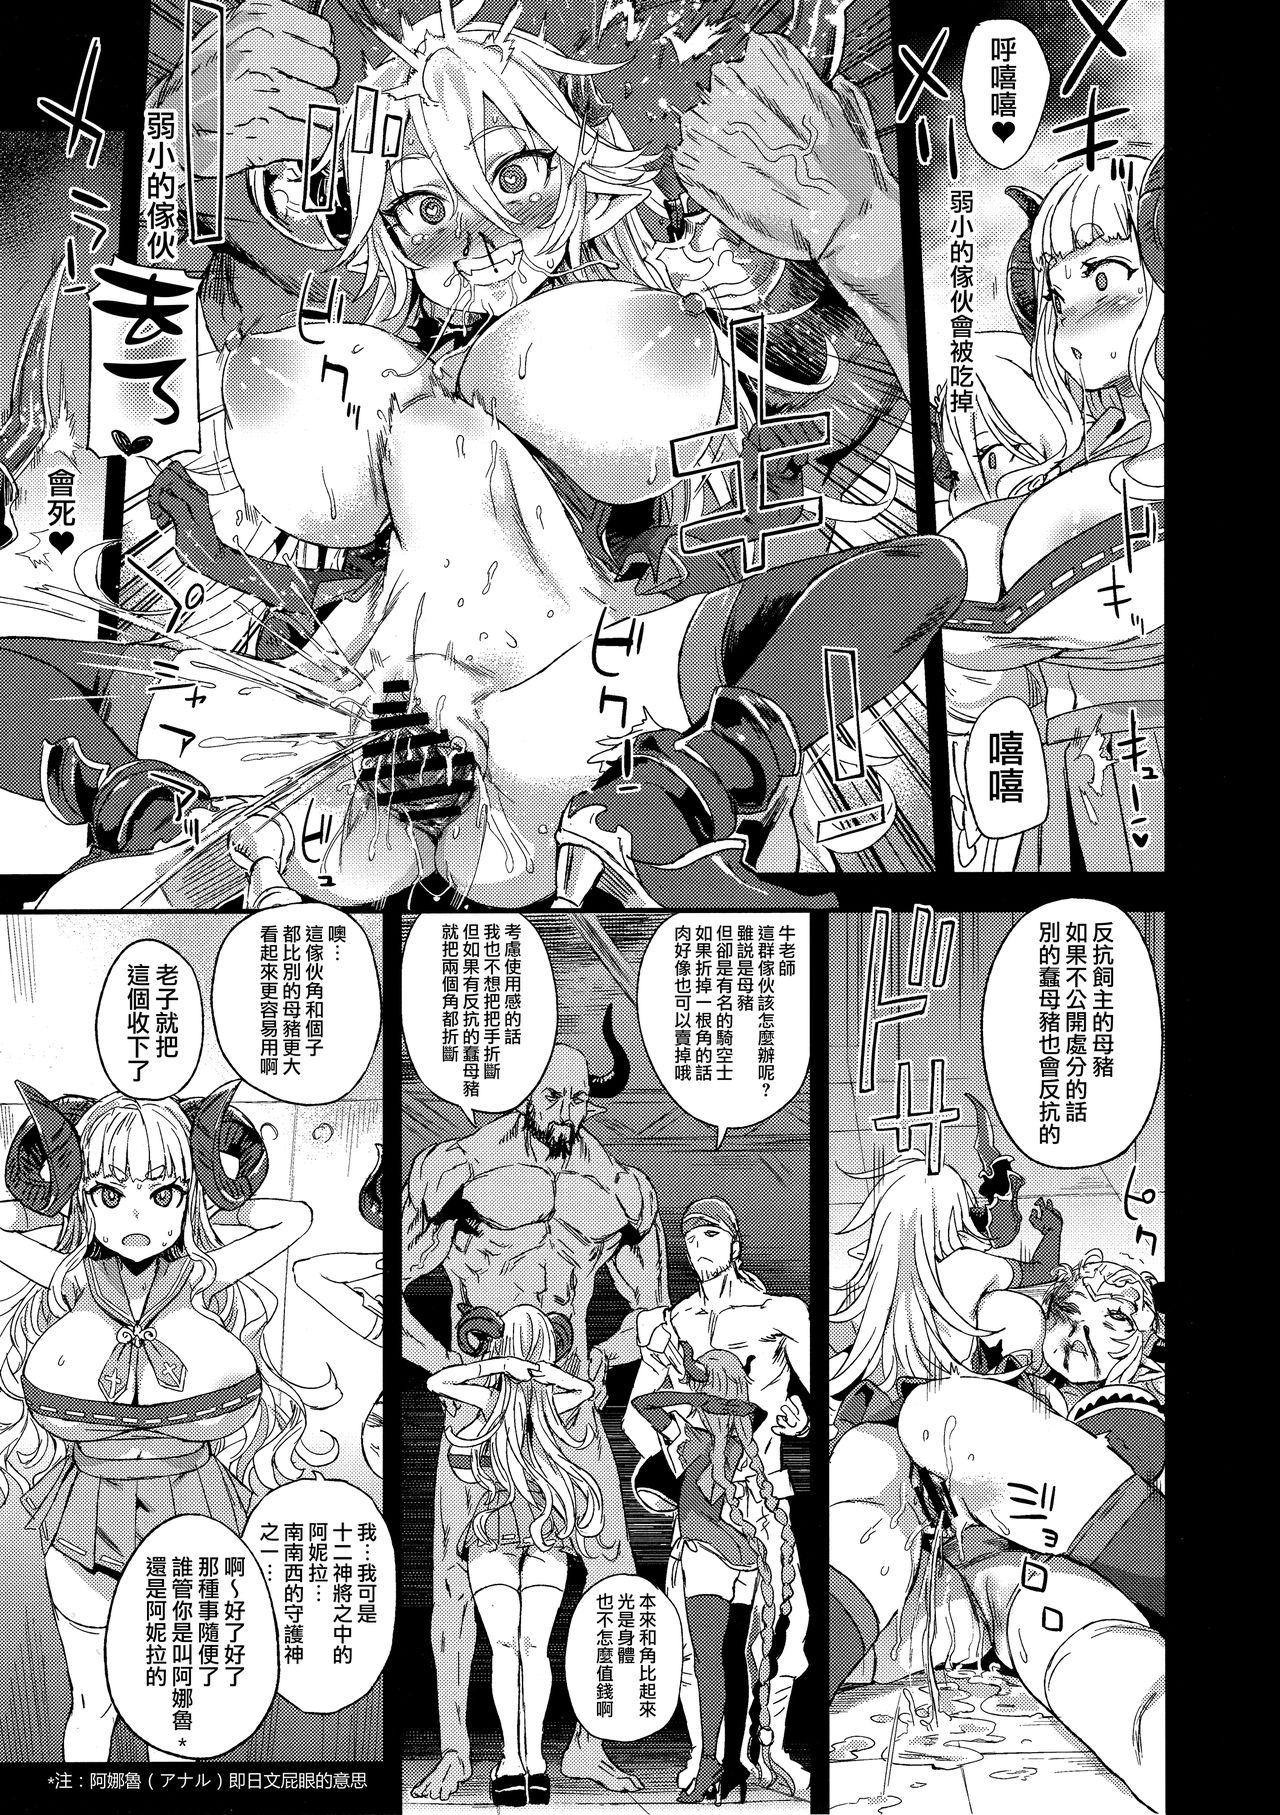 VictimGirls25 Dekachichi Teishinchou Shuzoku ♀ no Tsuno o Oru Hanashi 13